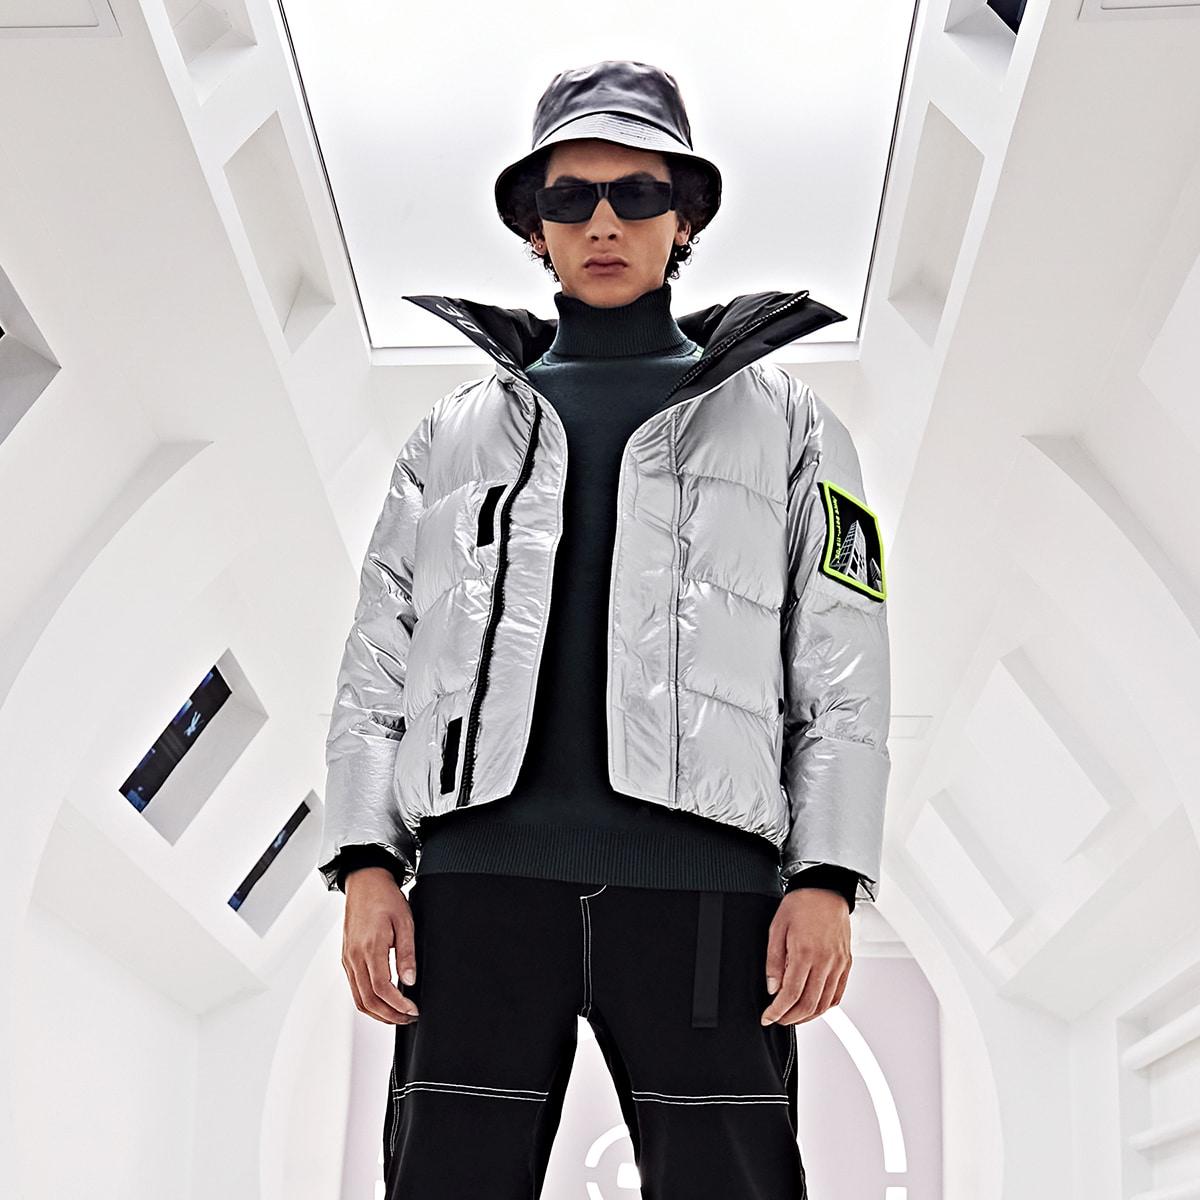 Metallische Jacke mit Reißverschluss und Flicken